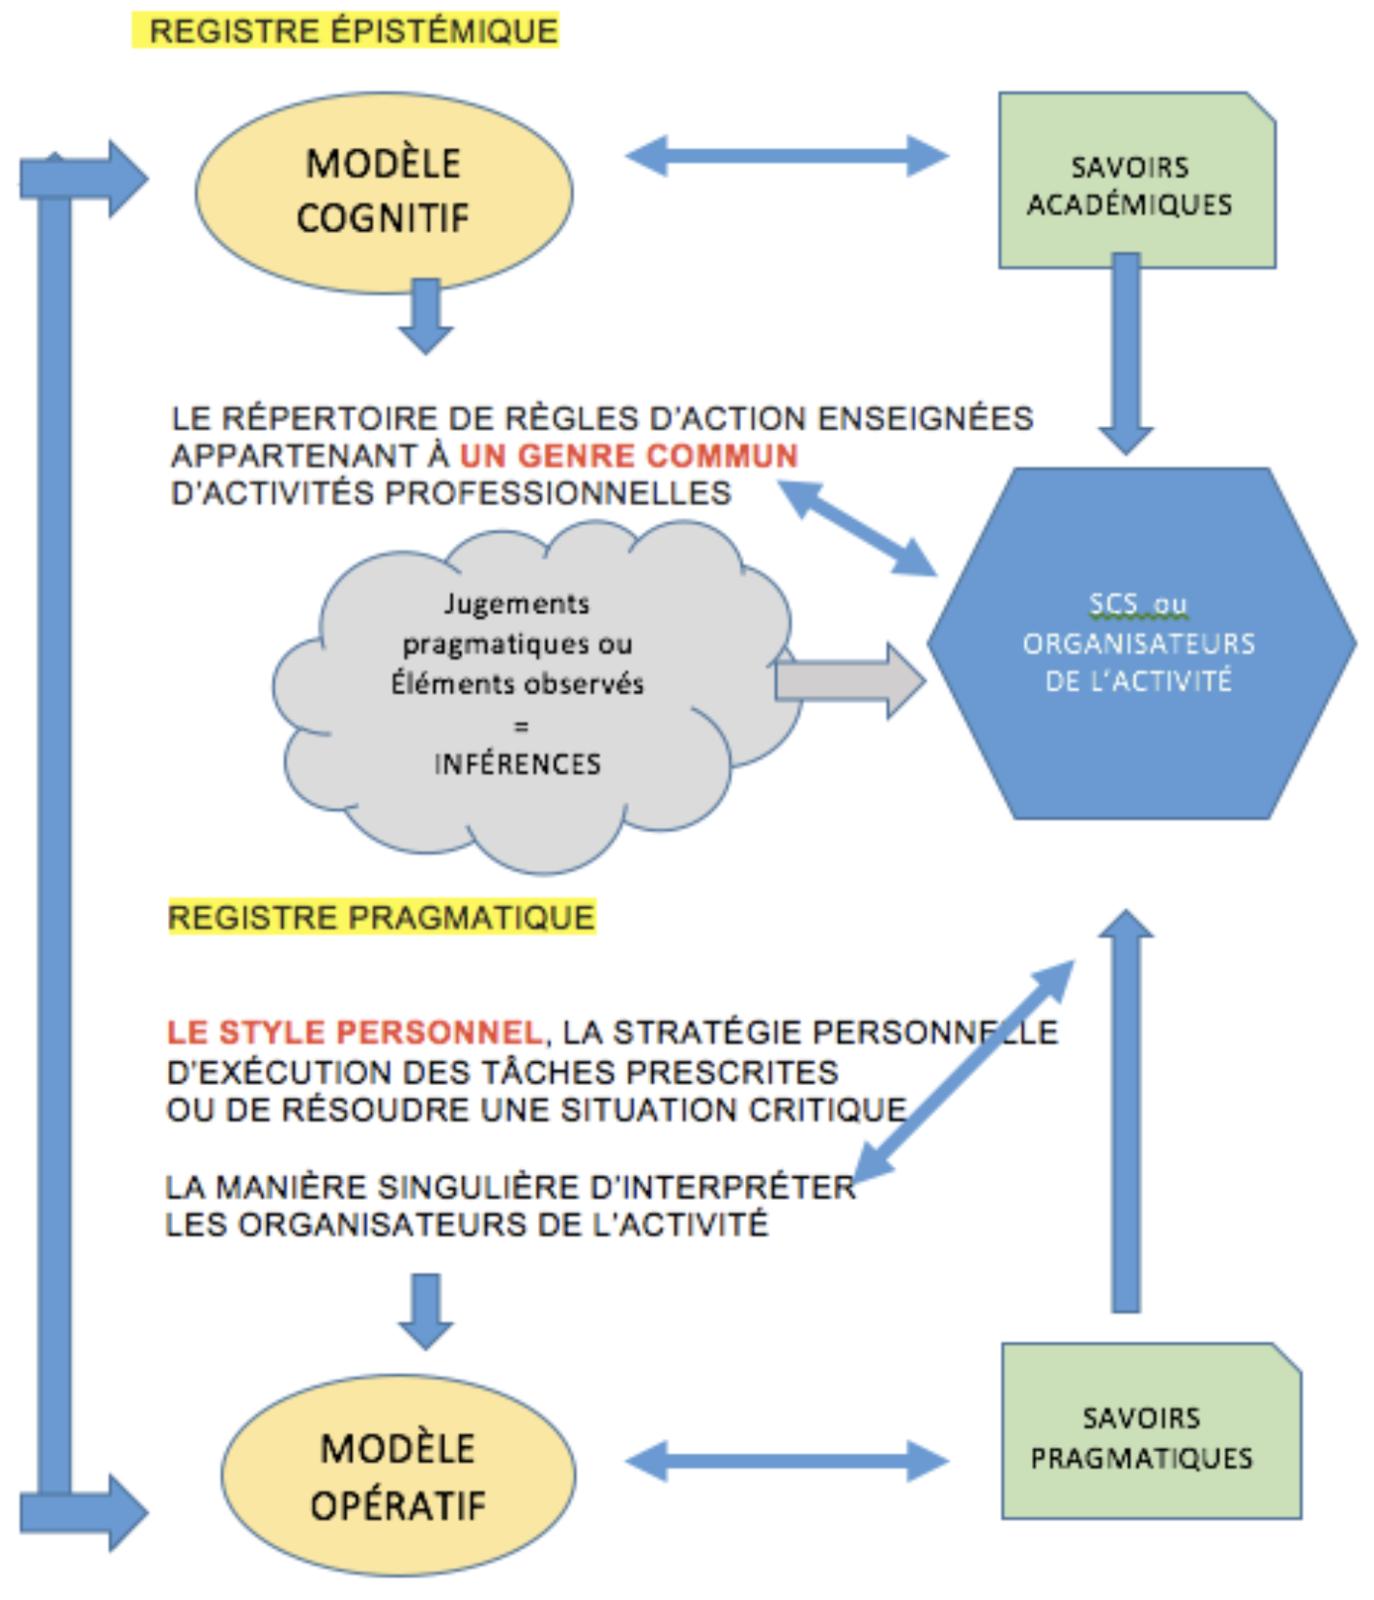 Reformulation de la modélisation de Pierre Pastré, par Clauzard (2018)